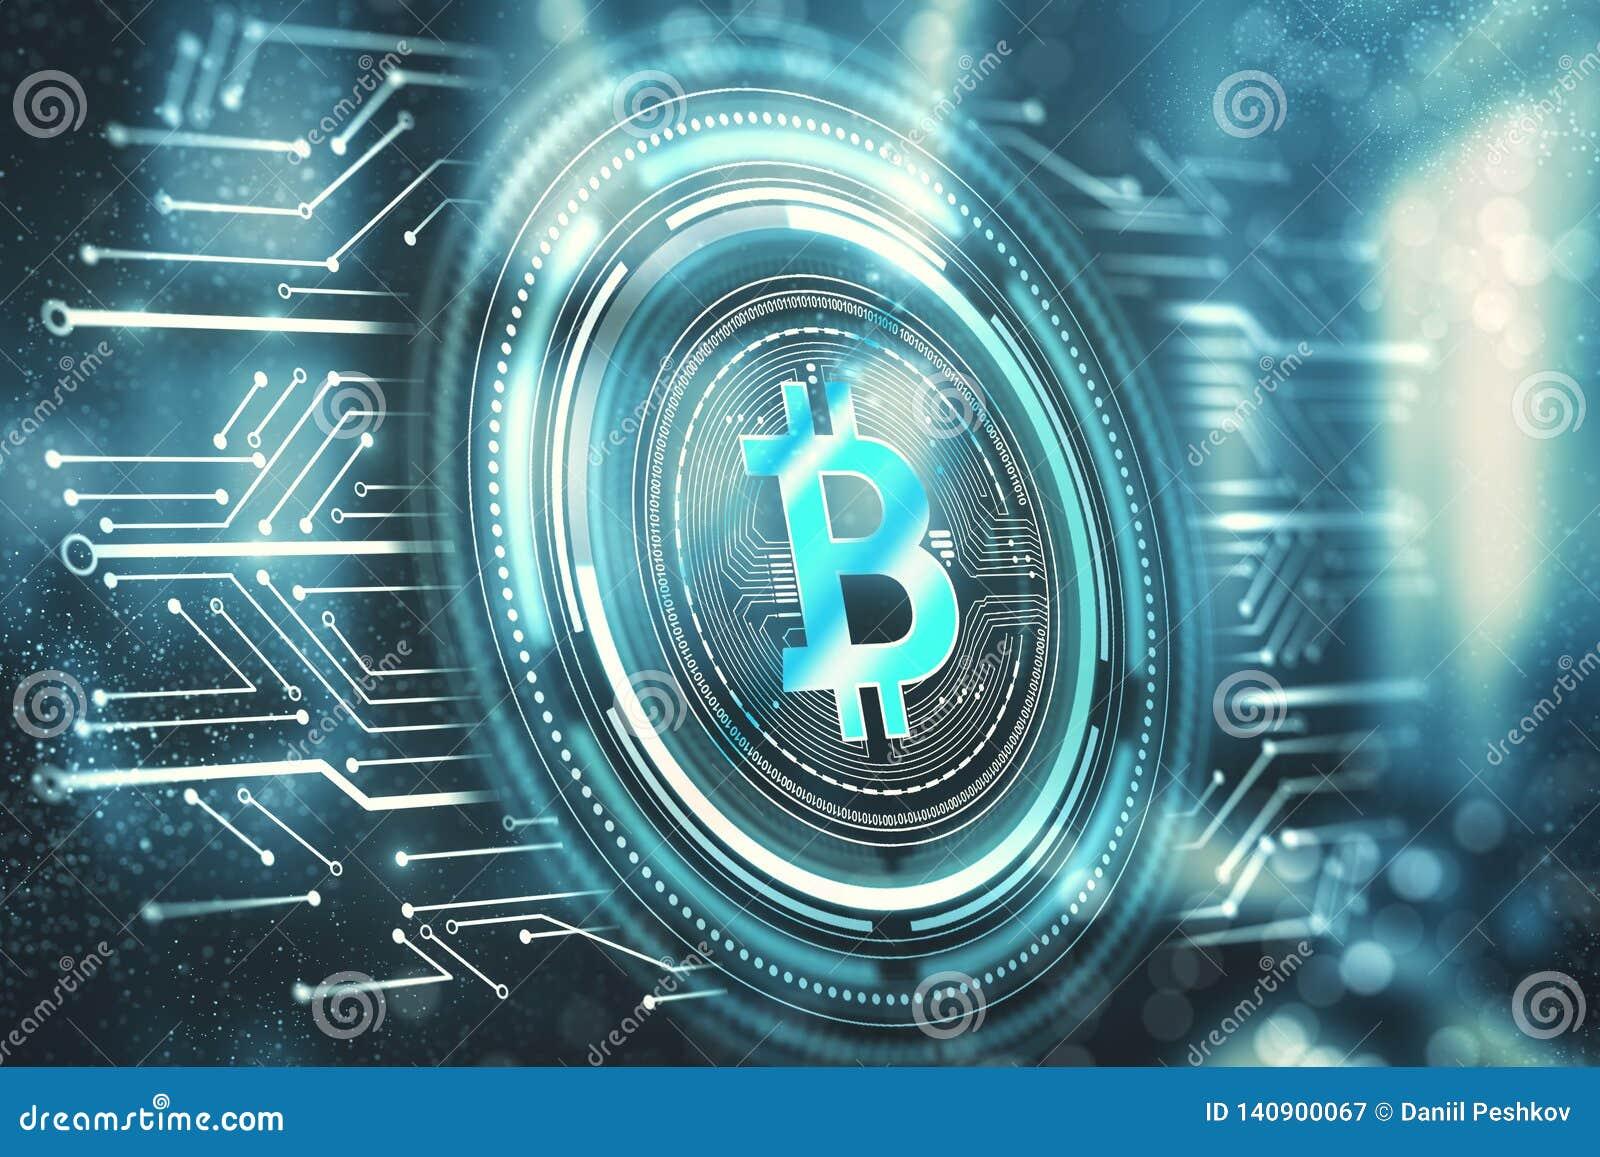 commerce en direct bitcoin